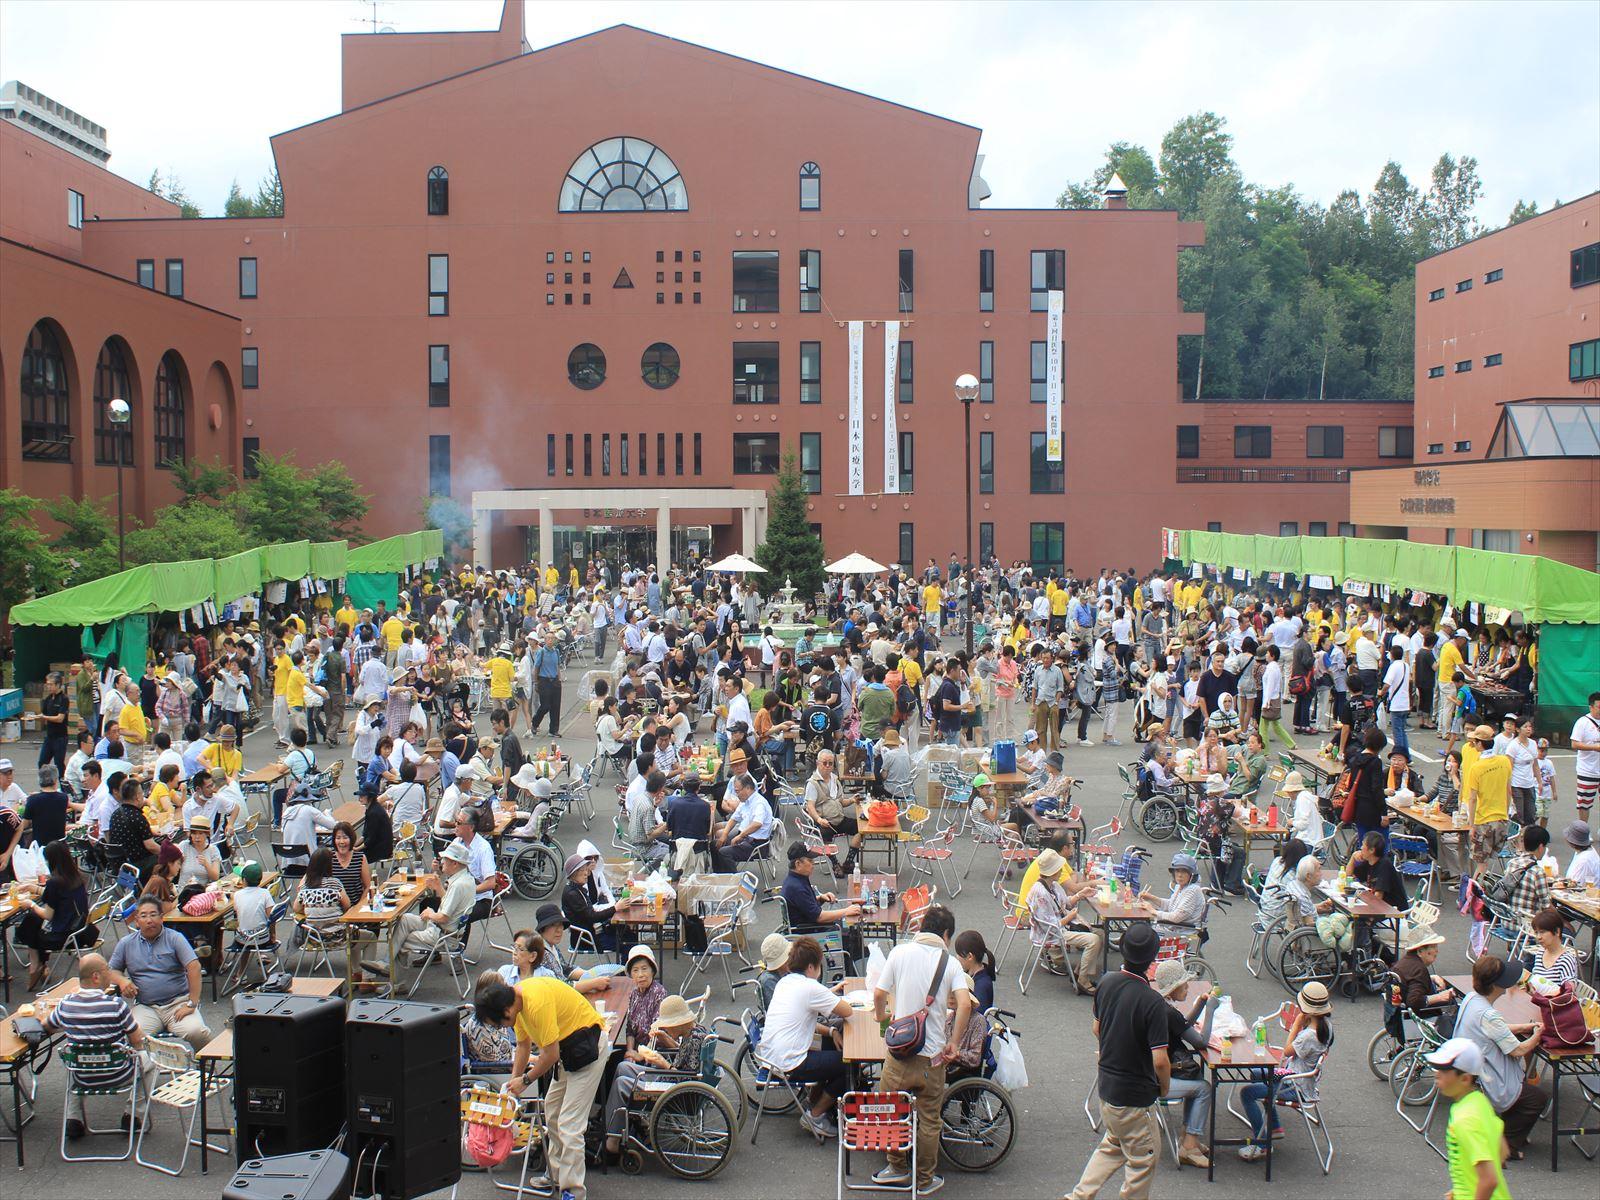 大勢の人でにぎわったアンデルセングルメ祭り=9月3日